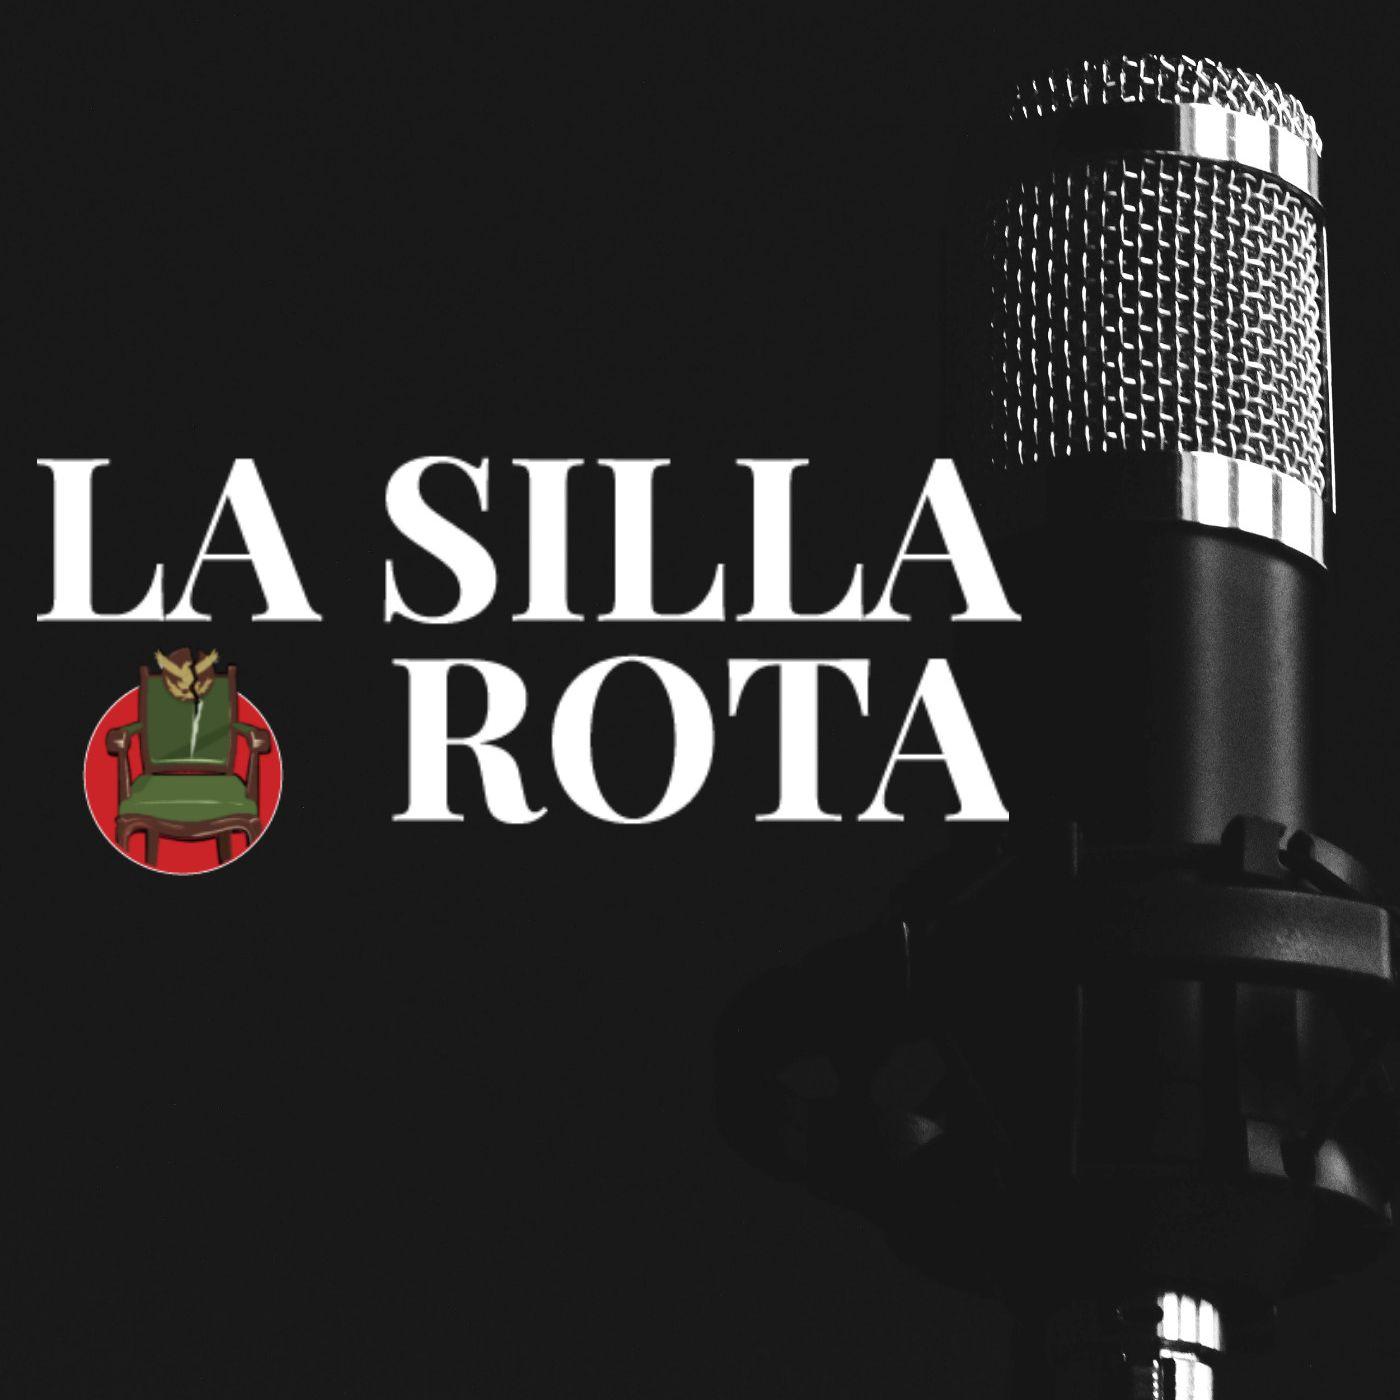 Las historias del día - La Silla Rota - 15 de Noviembre 2019